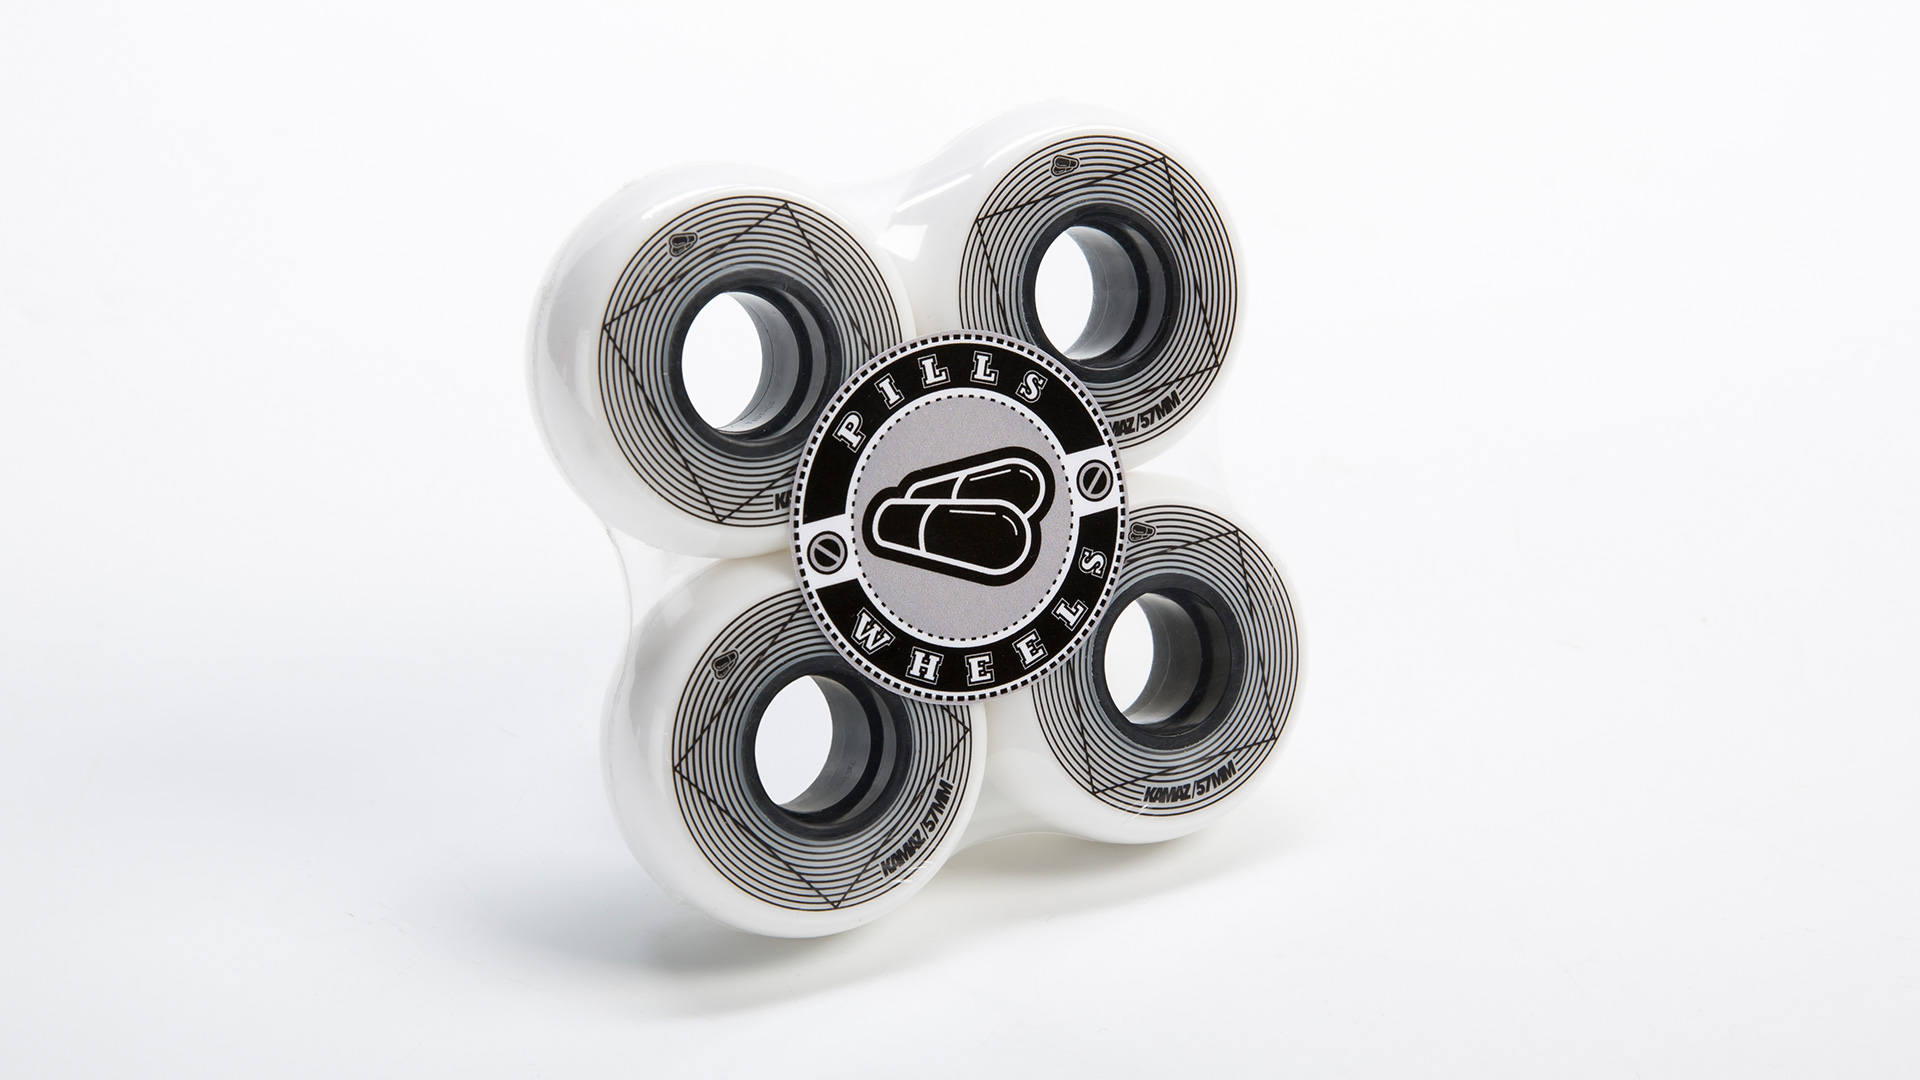 колеса для роликов Kamaz 57 мм 88А в упаковке